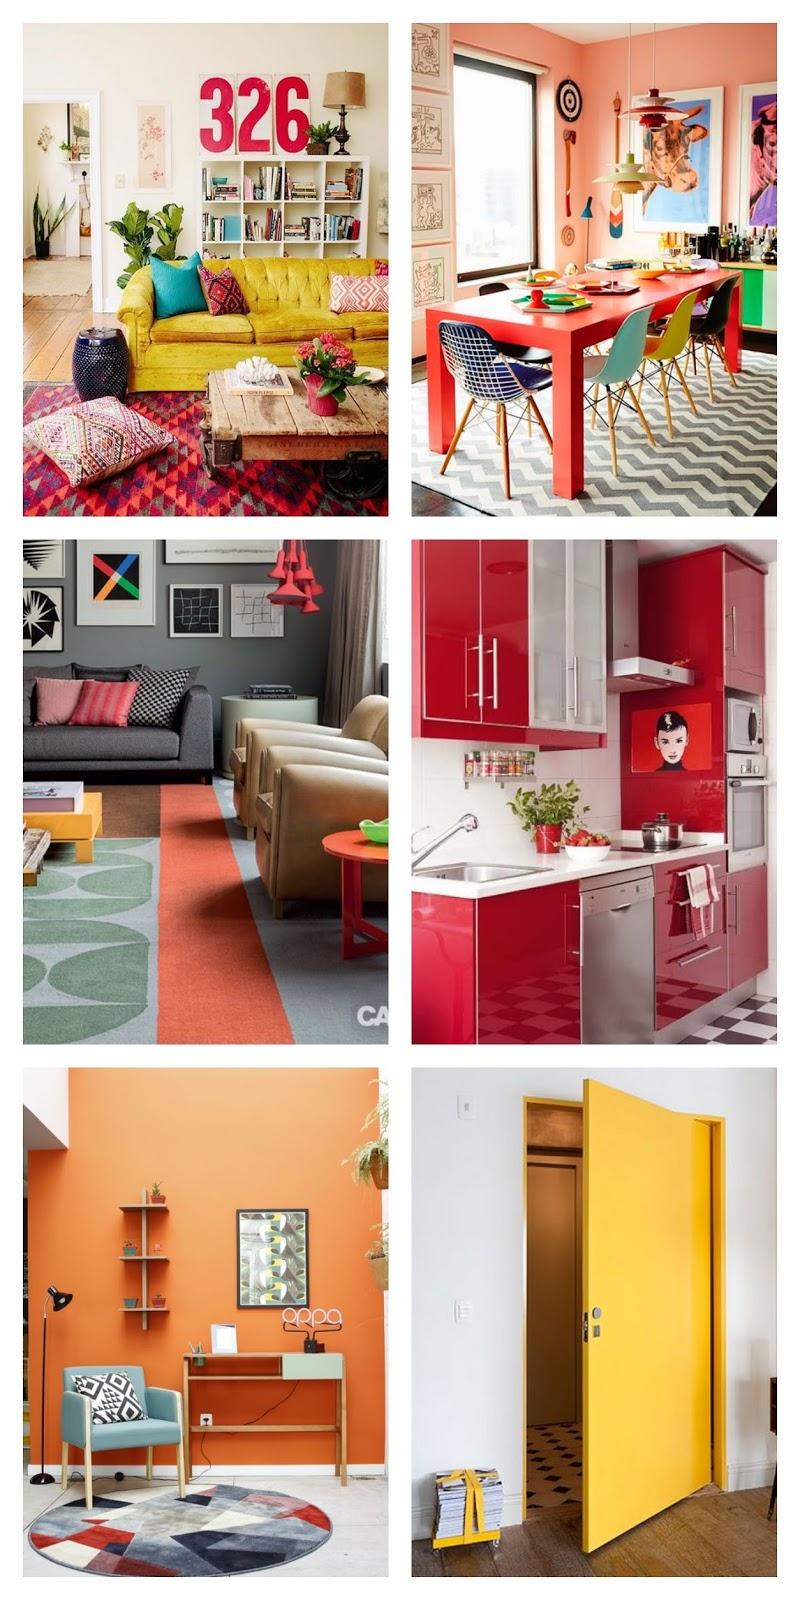 Como escolher a melhor cor para a decoração da casa